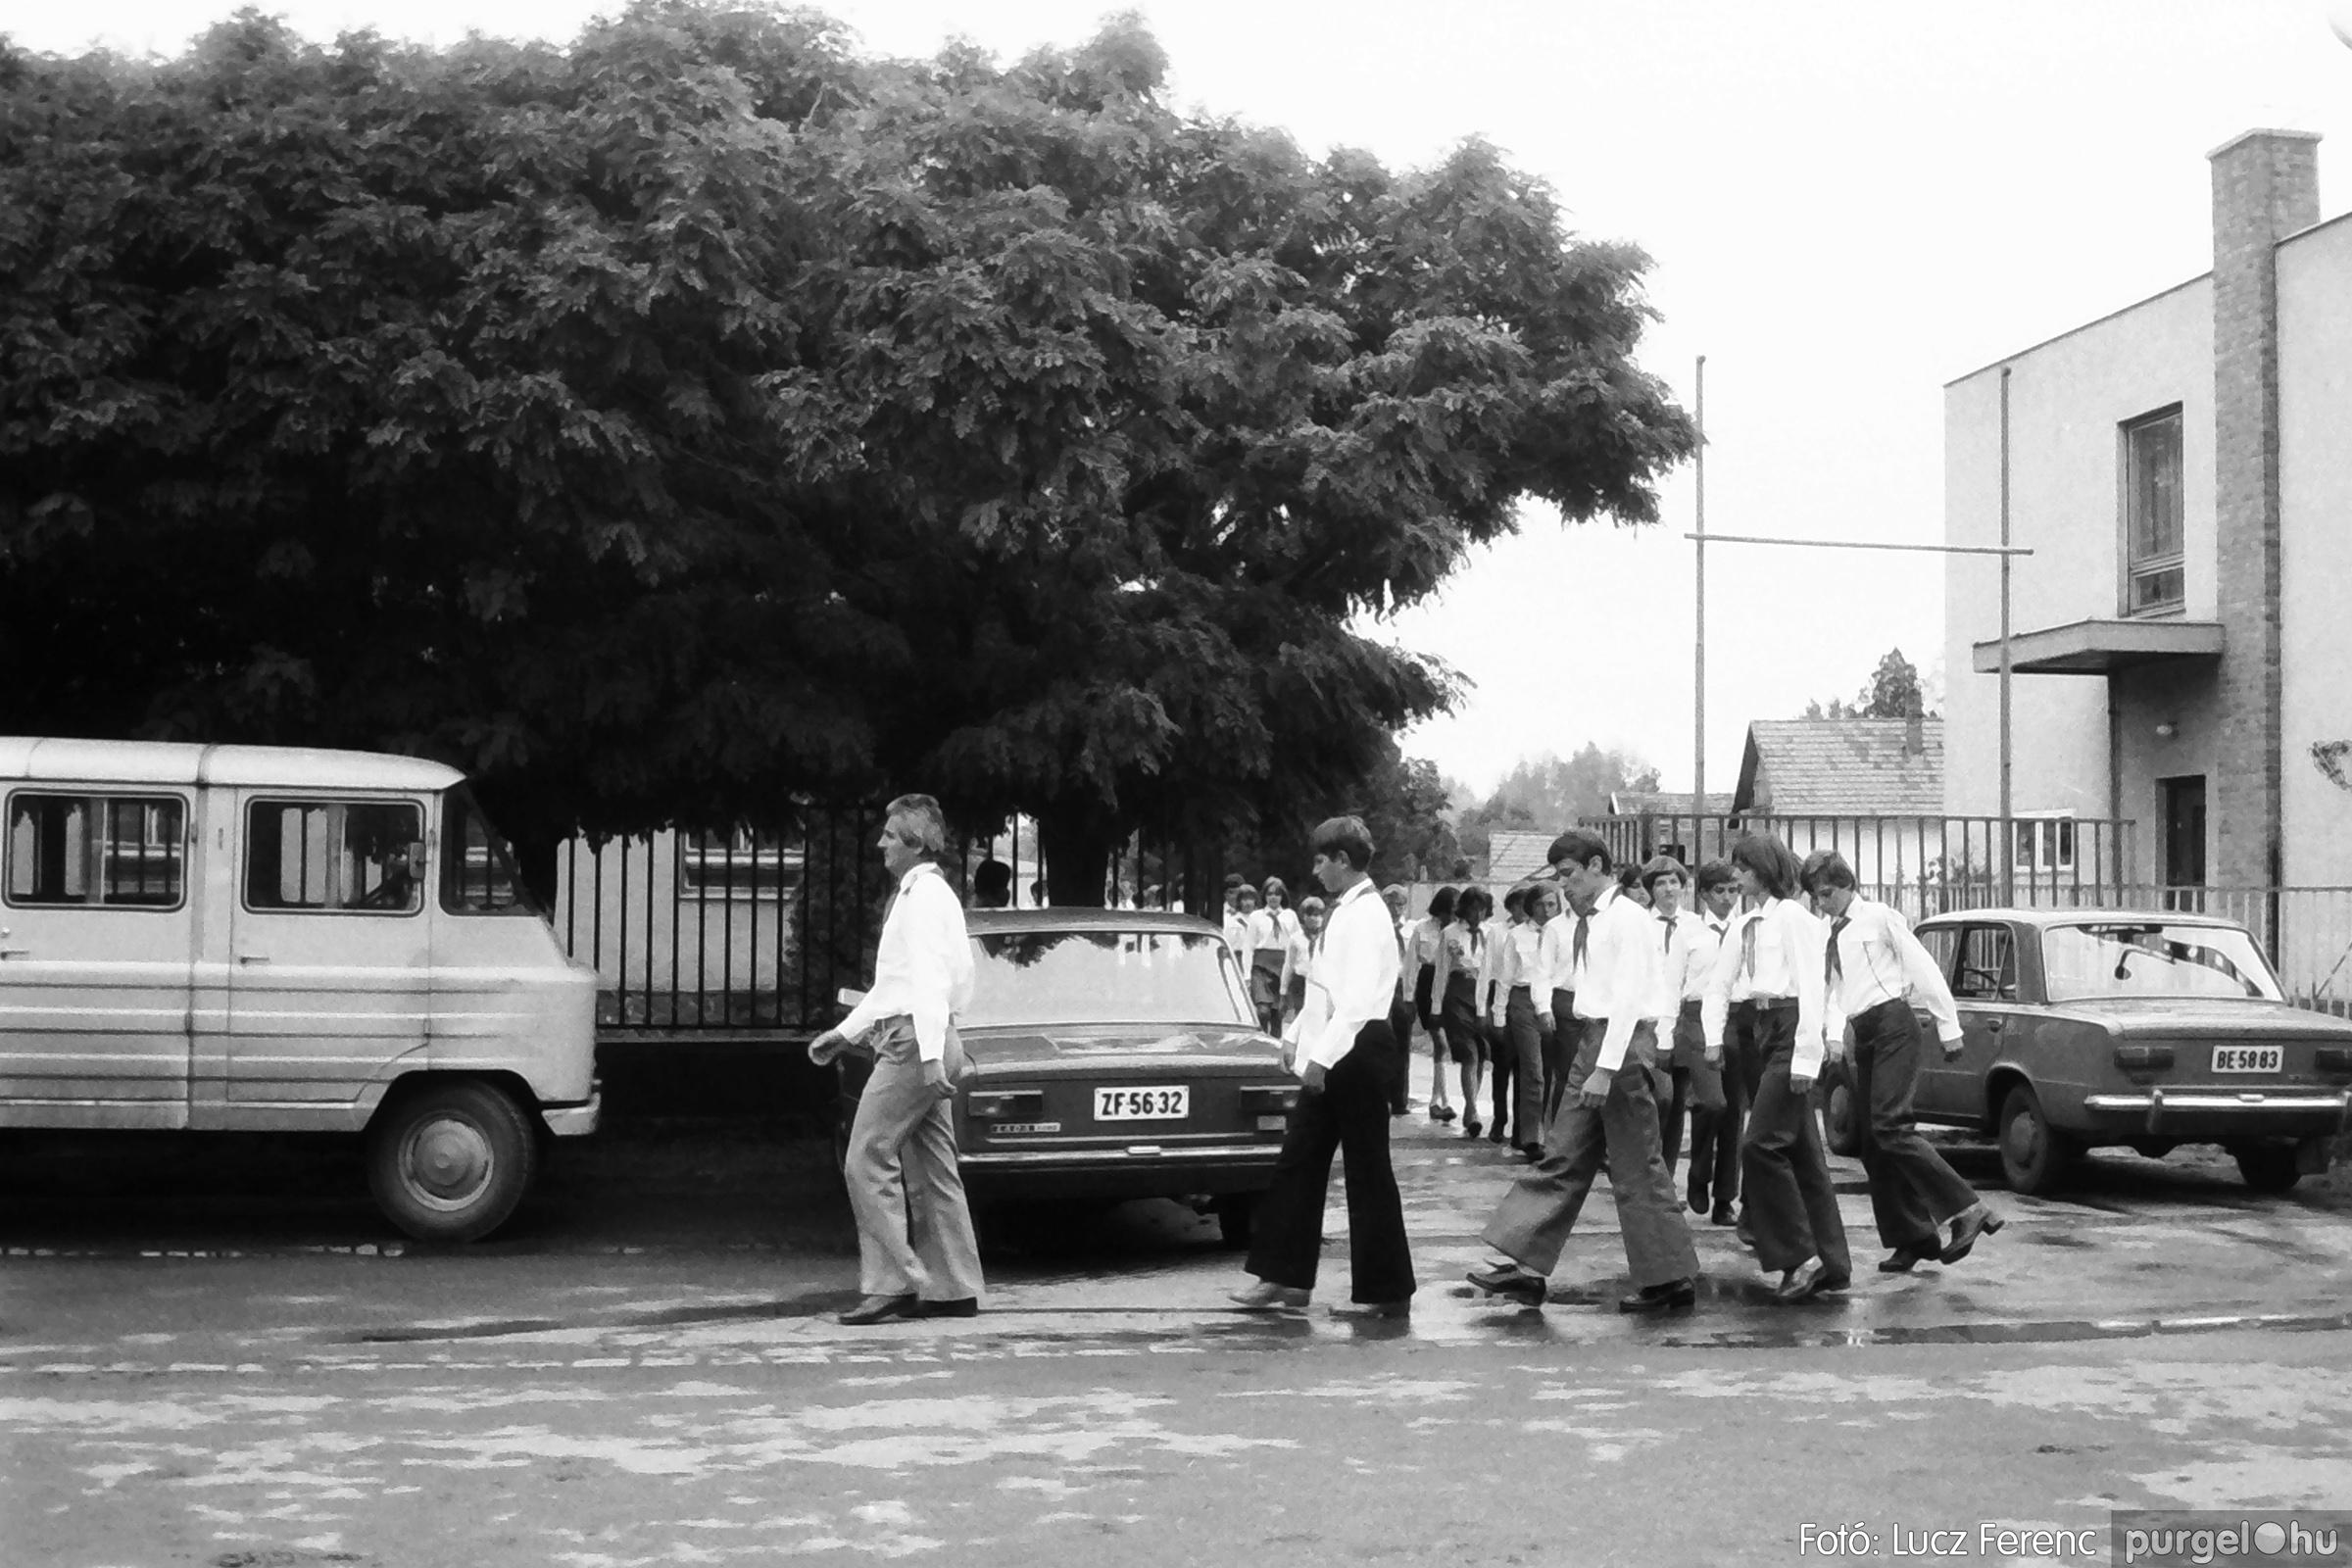 090. 1977. Úttörő gárda - ifjú gárda seregszemle 003. - Fotó: Lucz Ferenc.jpg